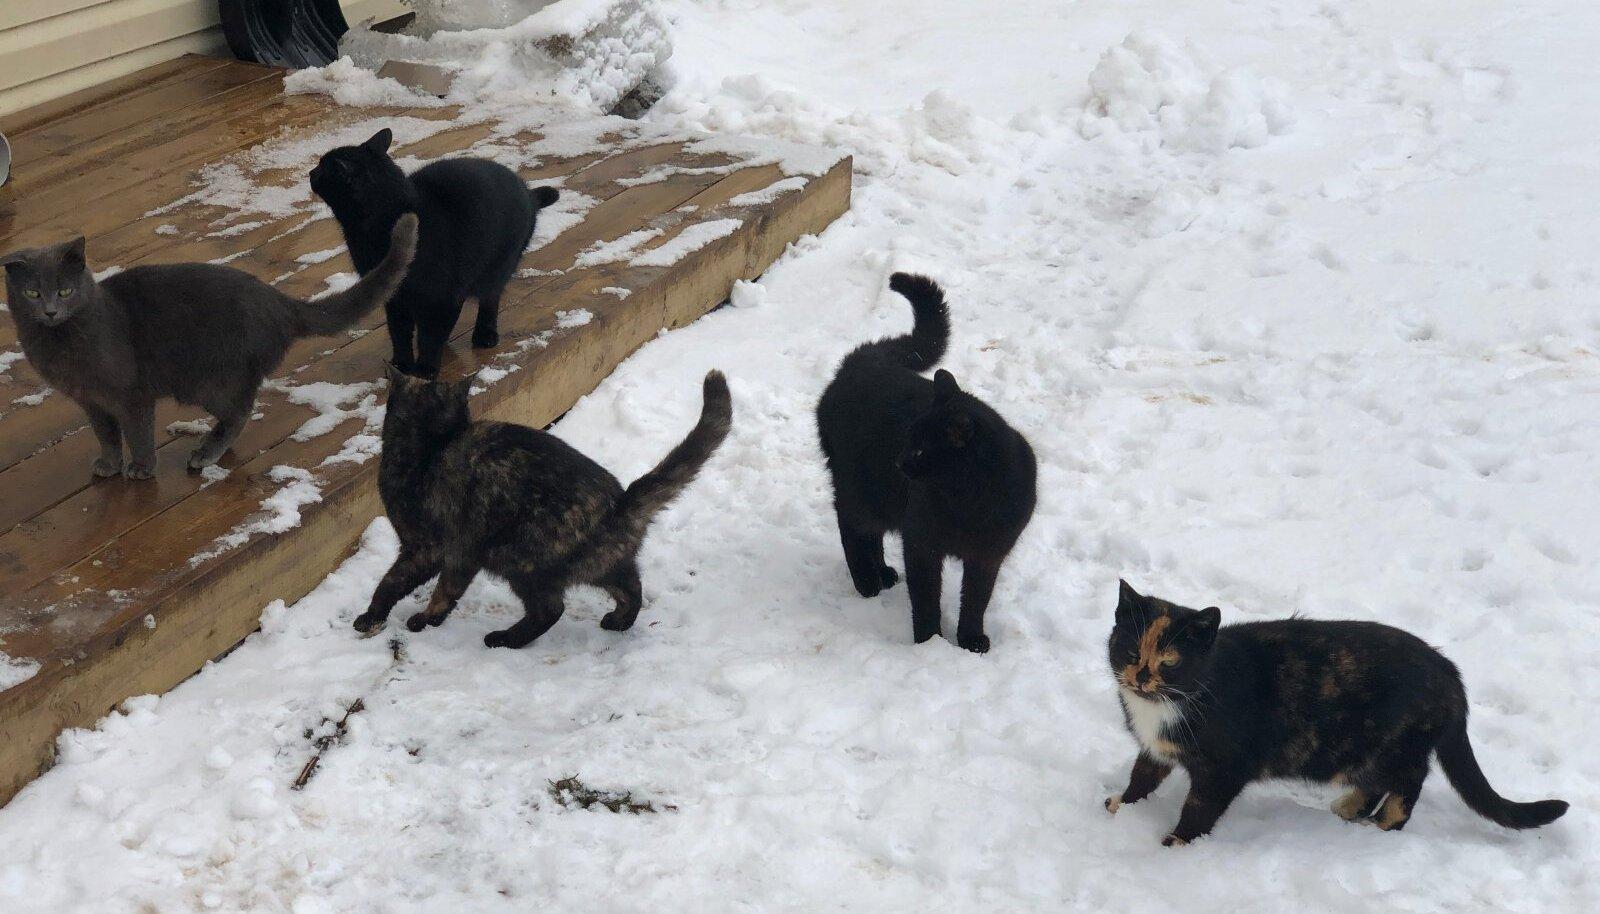 Ilmamuutused kasside kevdisi tegevusi palju ei mõjuta, neil on ikka omad märtsikuised asjad ajada.